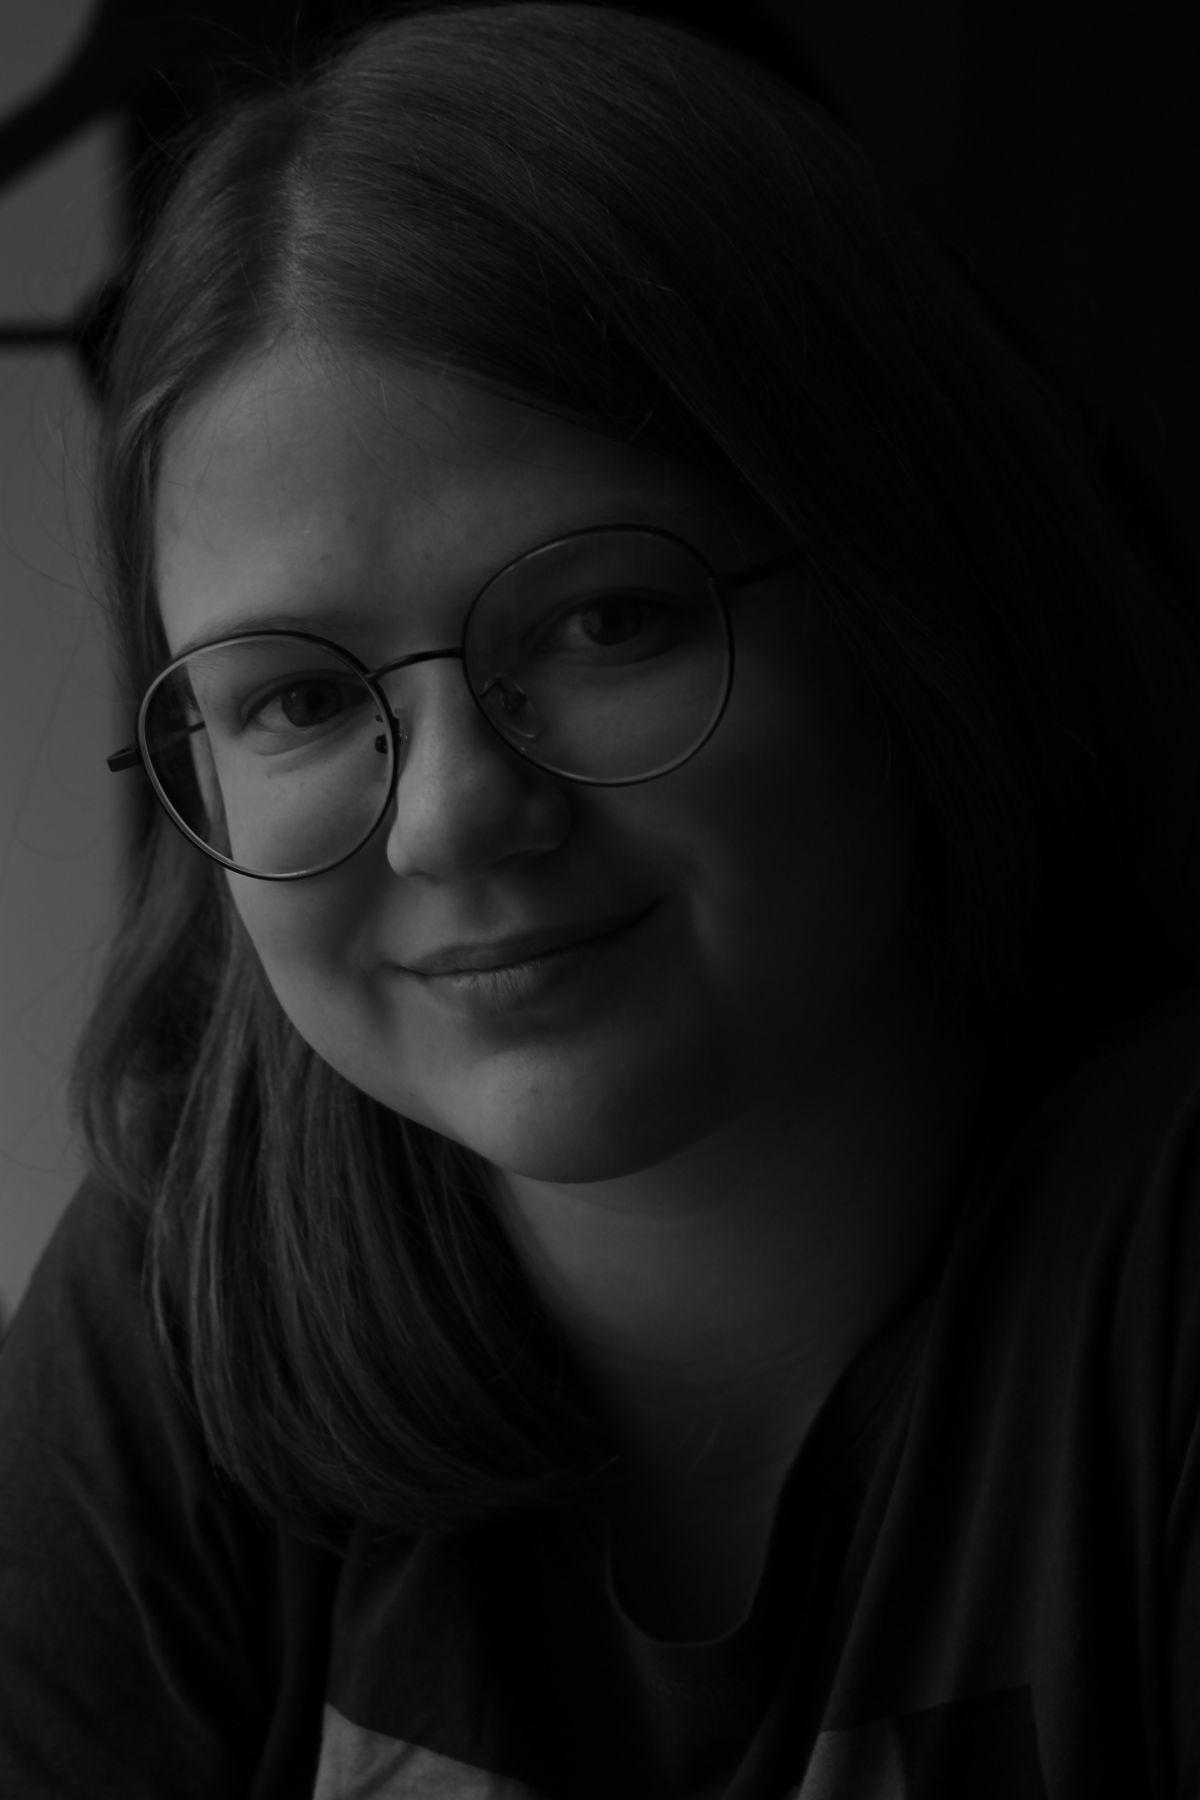 20.03.21. Портрет. портрет фотография девушка юность чёрно белая